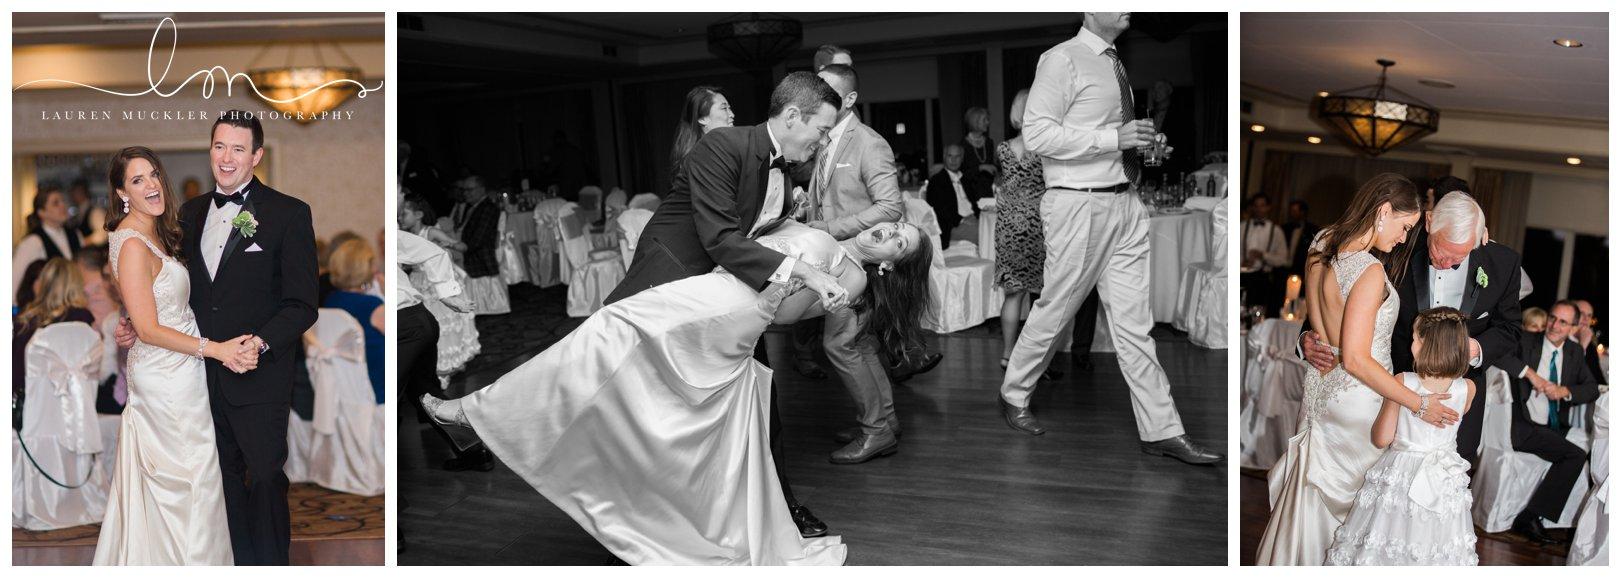 lauren muckler photography_fine art film wedding photography_st louis_photography_0247.jpg